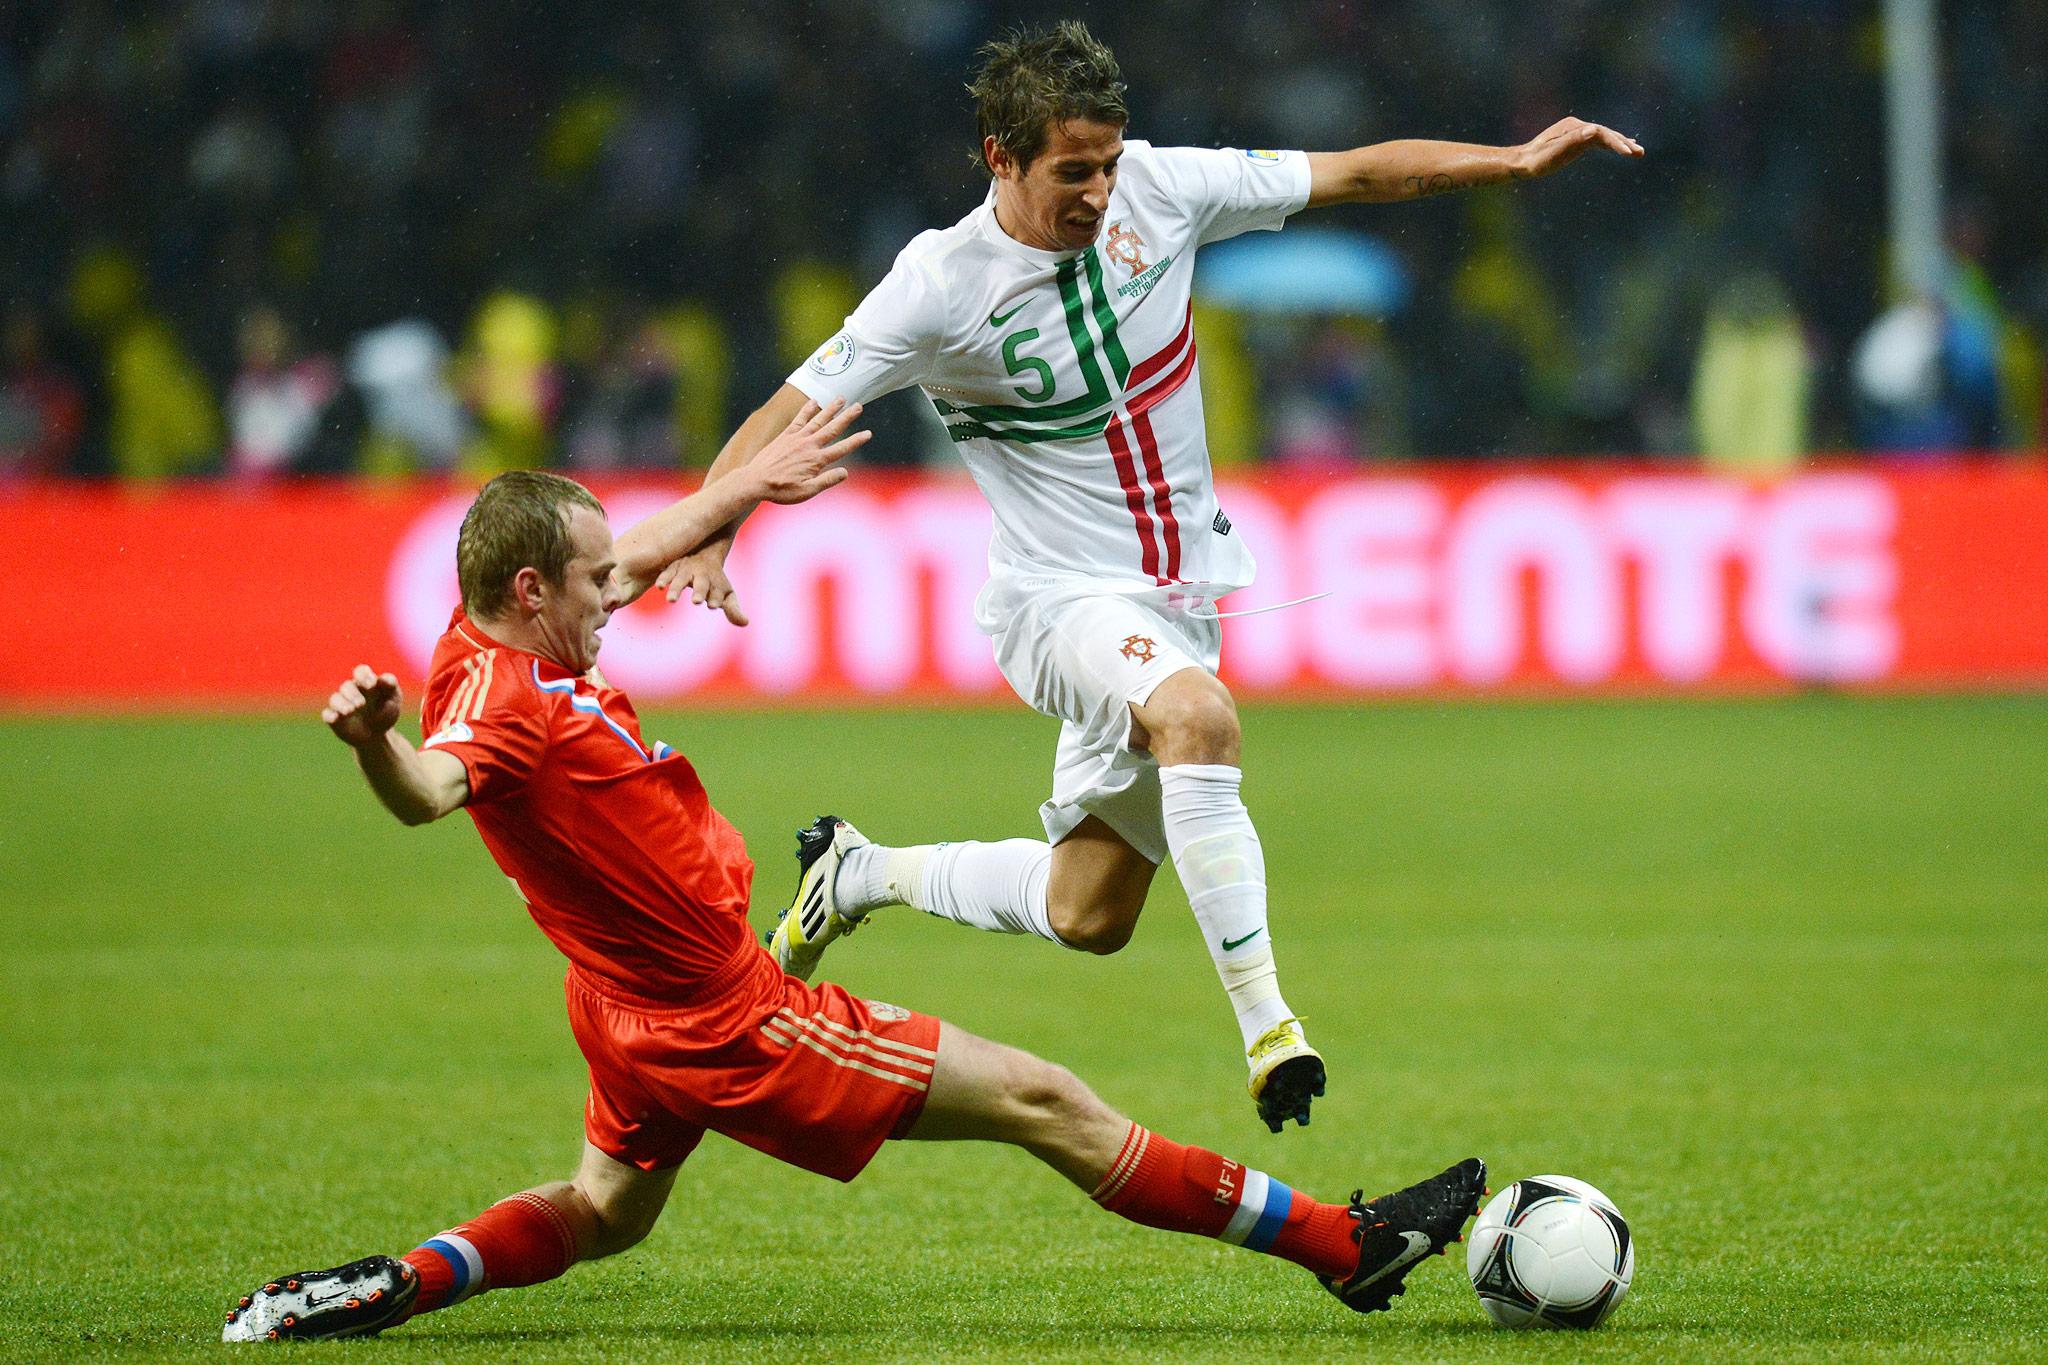 Футбол прямая трансляция россия бельгия смотреть онлайн 9 фотография